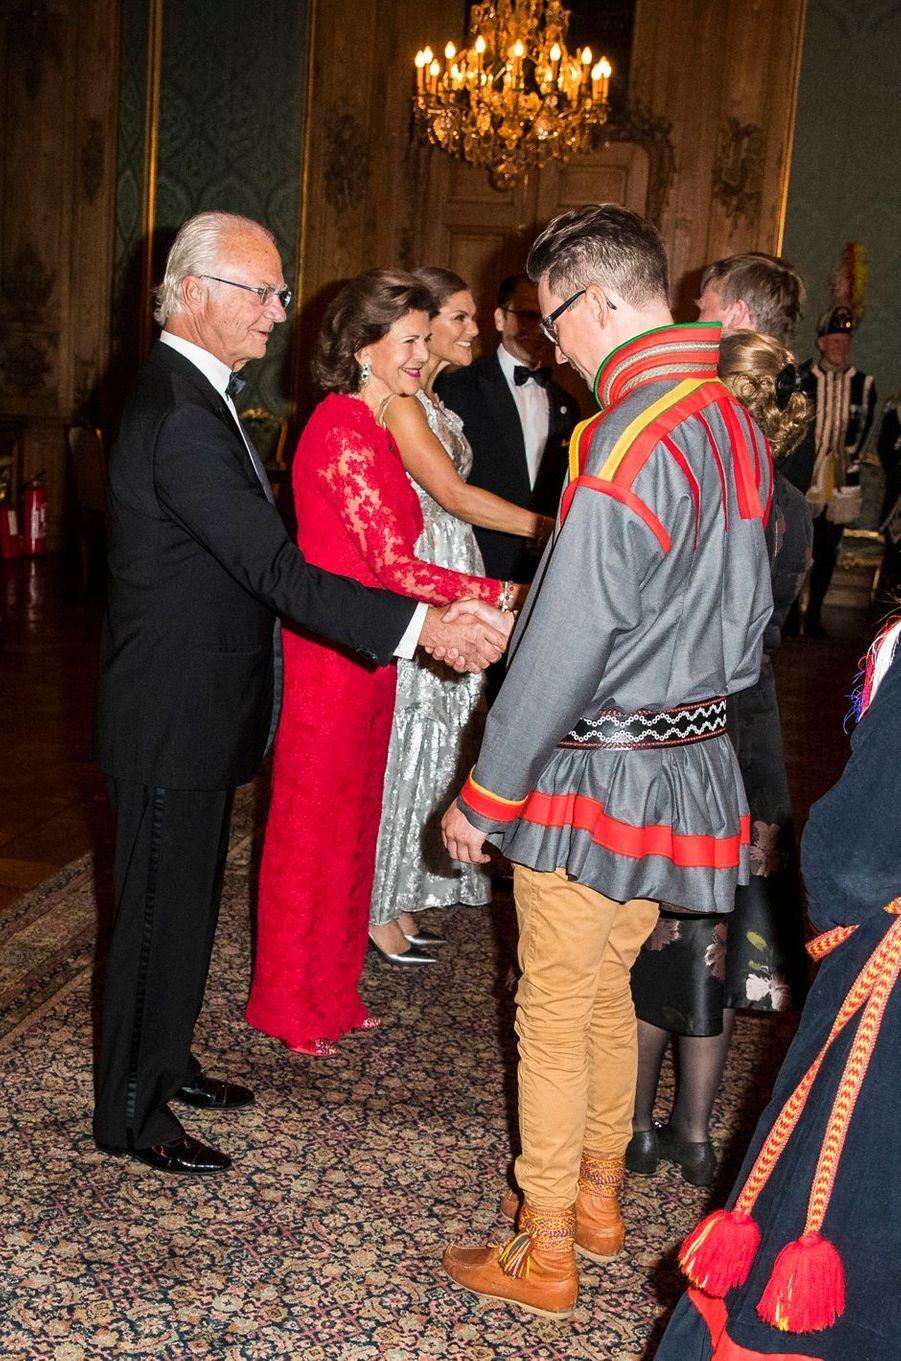 Le roi Carl XVI Gustaf, la reine Silvia, la princesse Victoria et le prince Daniel de Suède à Stockholm, le 20 septembre 2019